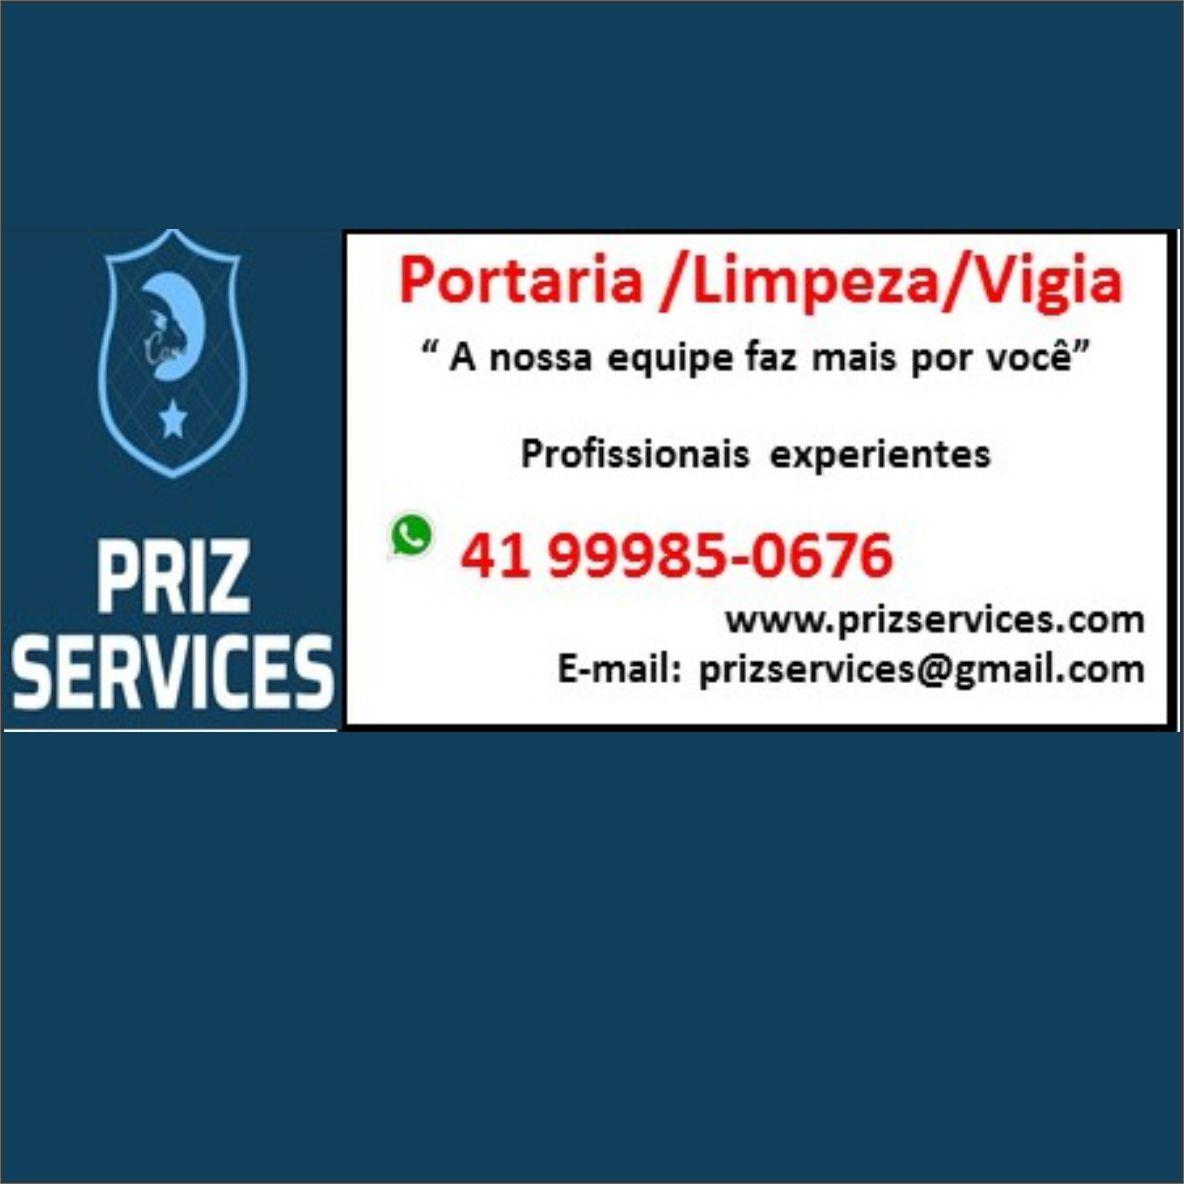 priz service